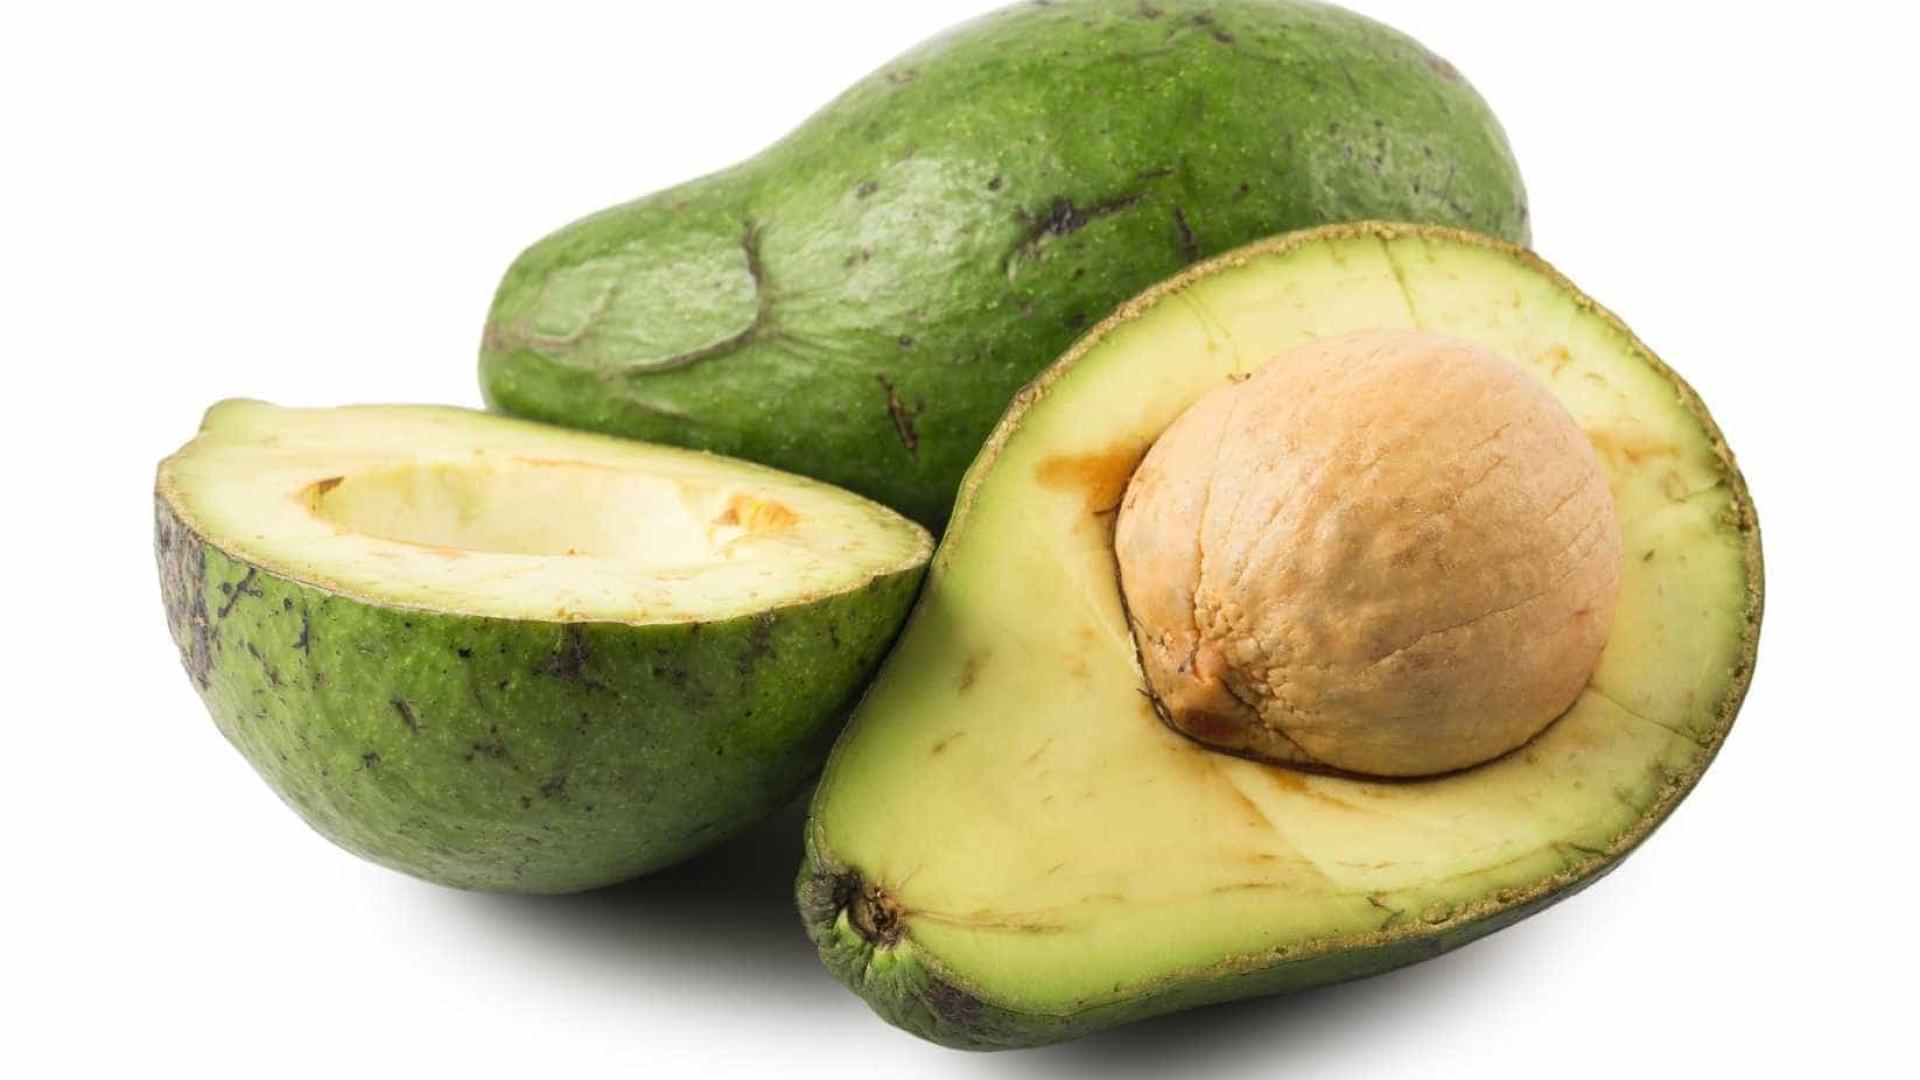 Truque para conseguir que os abacates durem mais